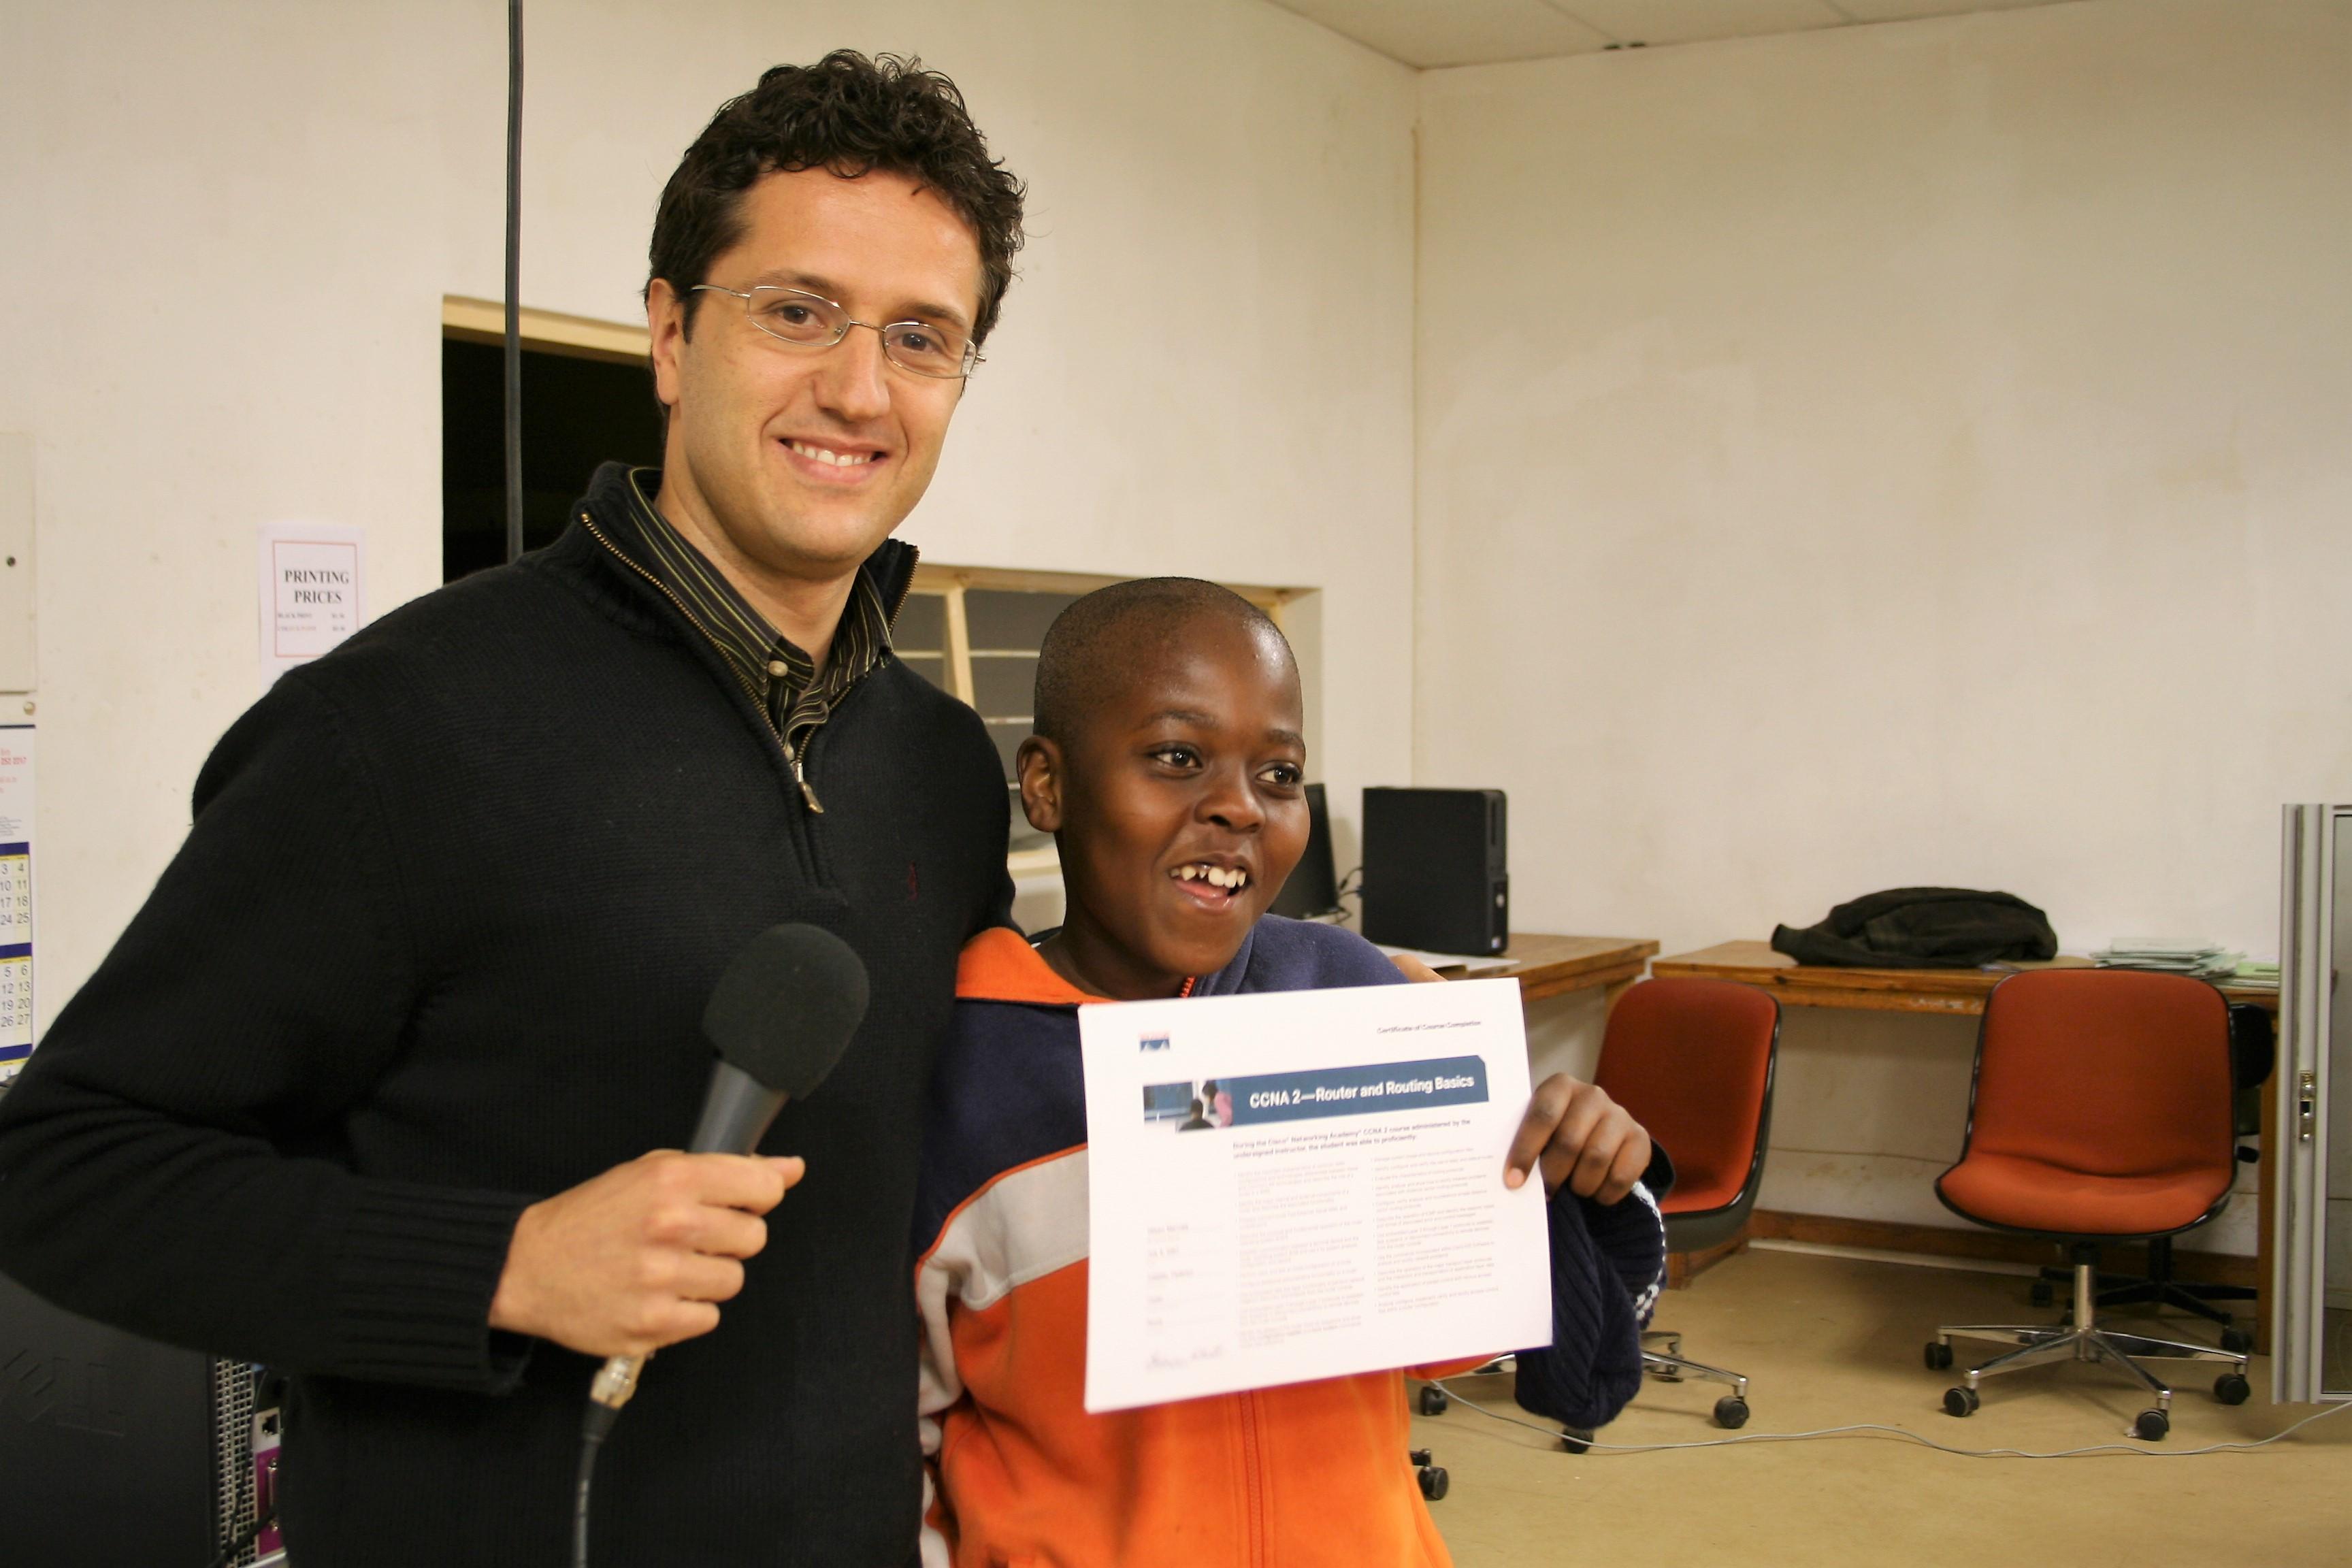 Federico - Vincix 4 Africa - Mmakau